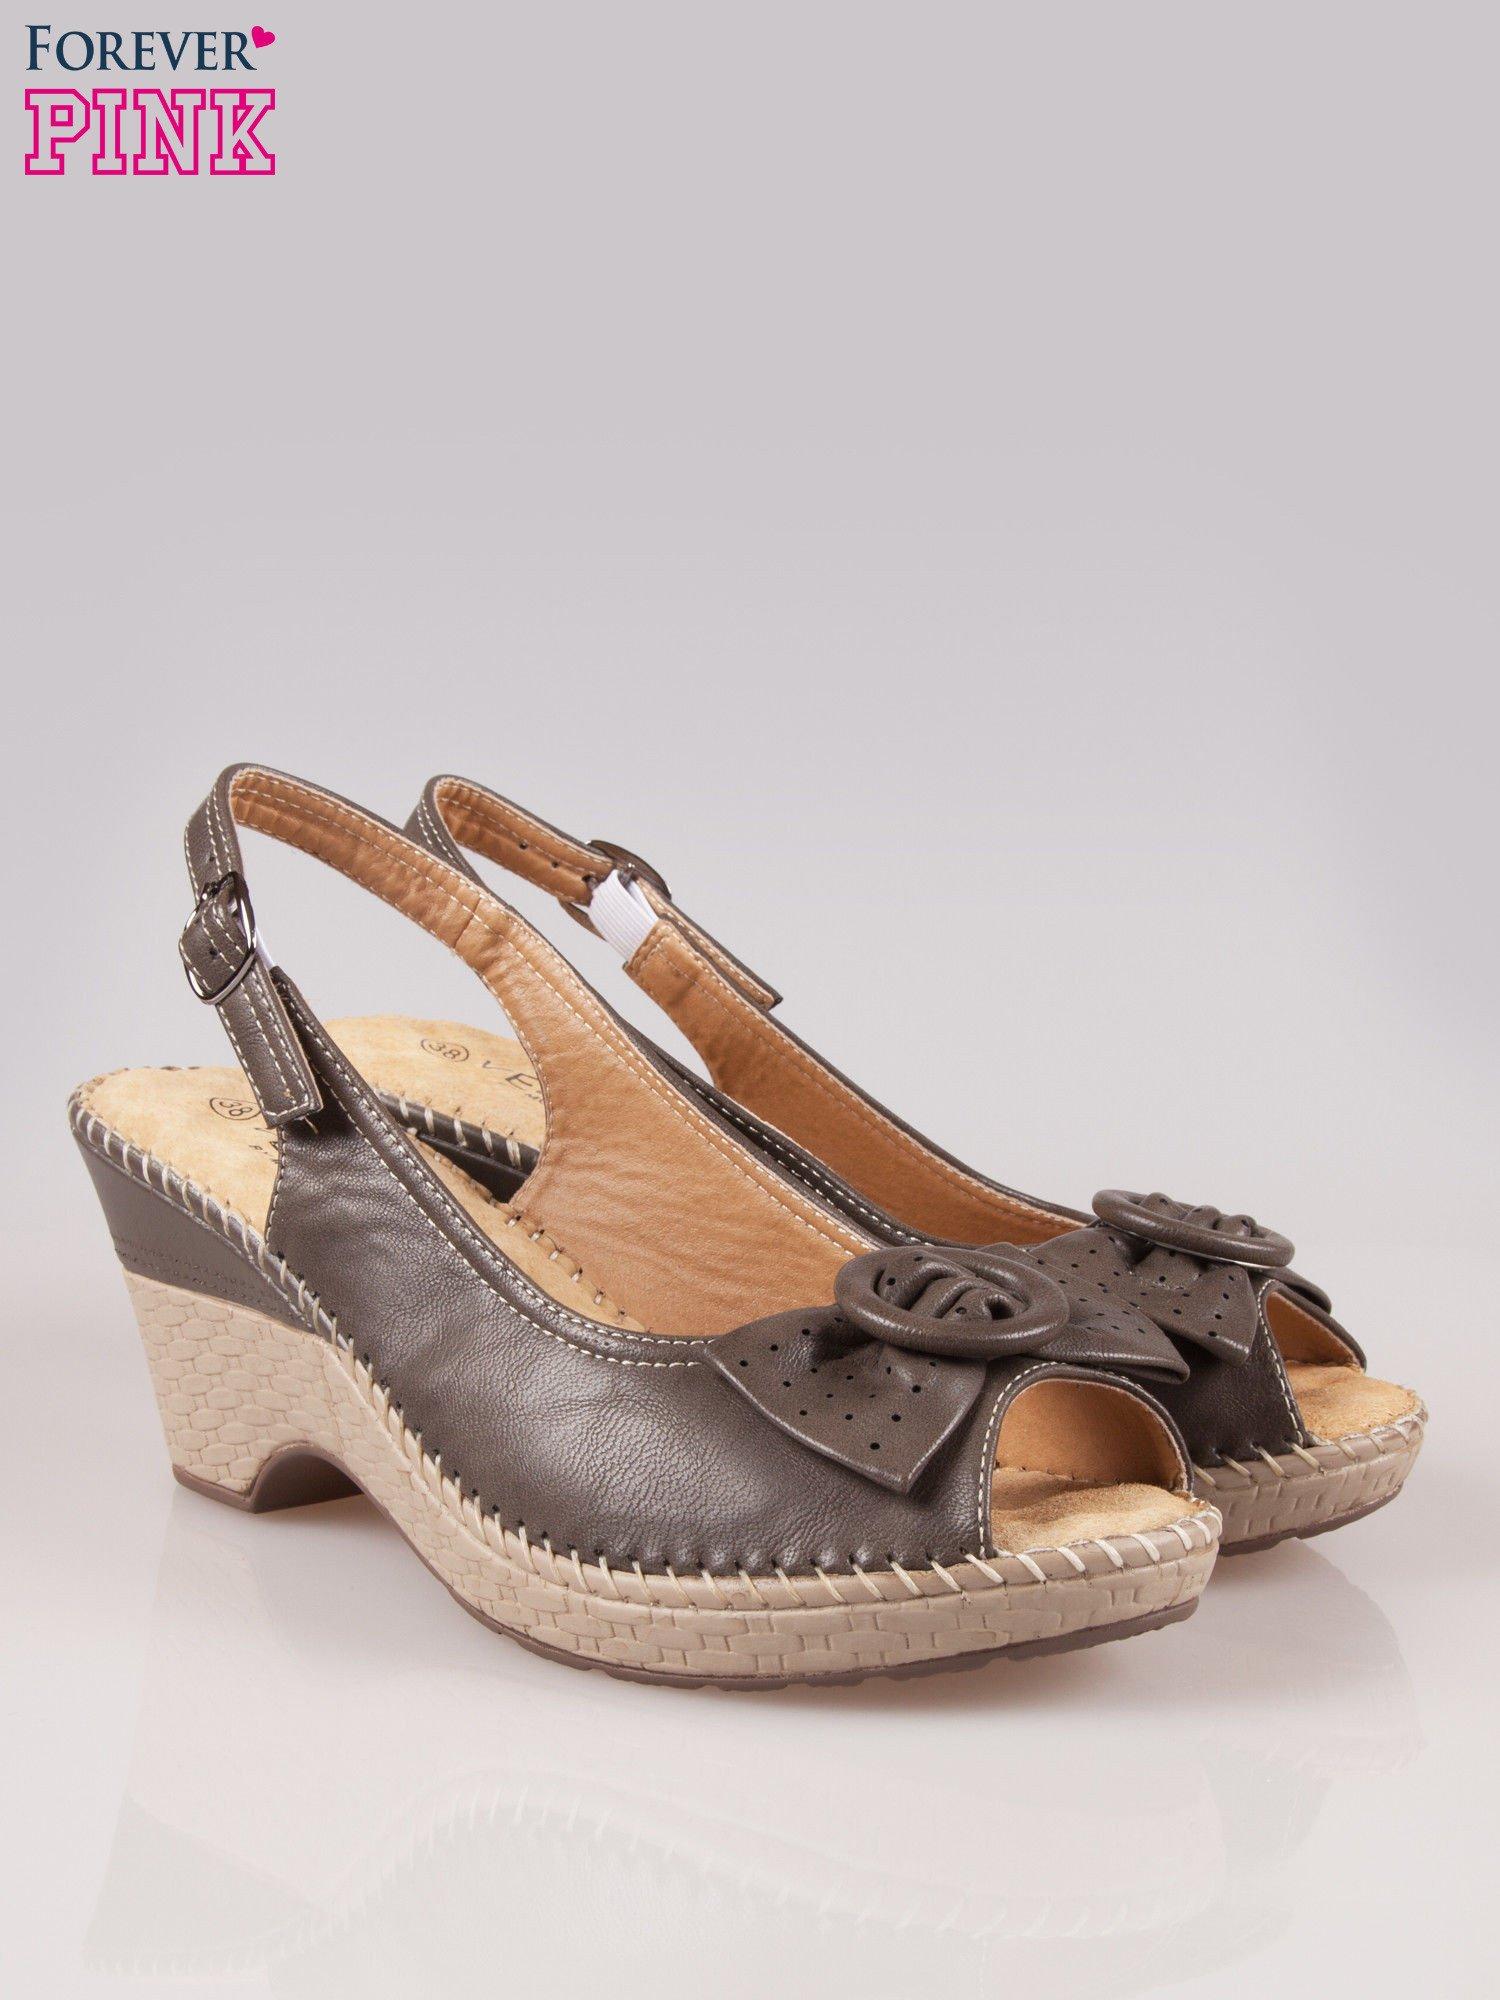 Brązowe sandały z kokardą na grubym obcasie Laolla                                  zdj.                                  2